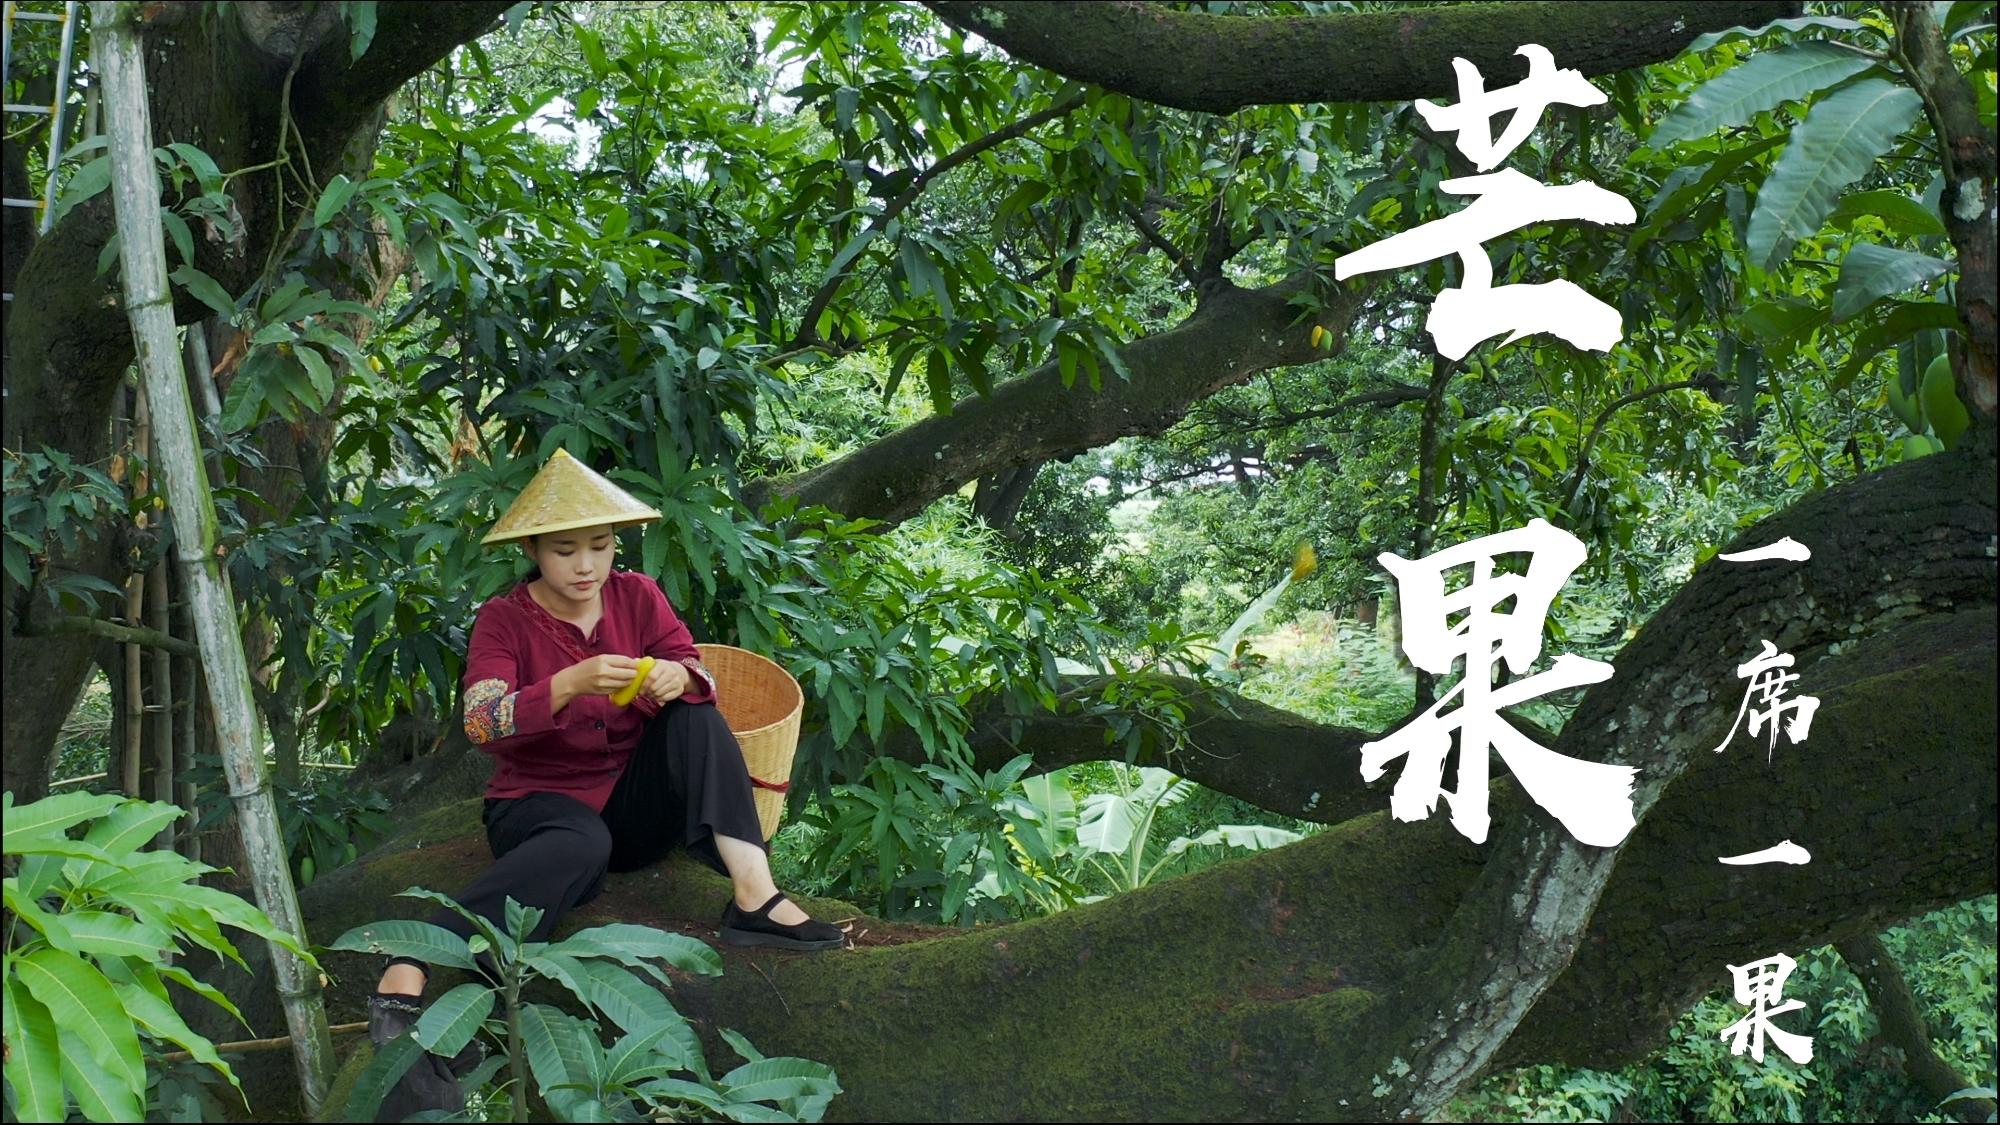 爬上300年芒果树,摘了30斤芒果,低温烤的芒果干甜香四溢!